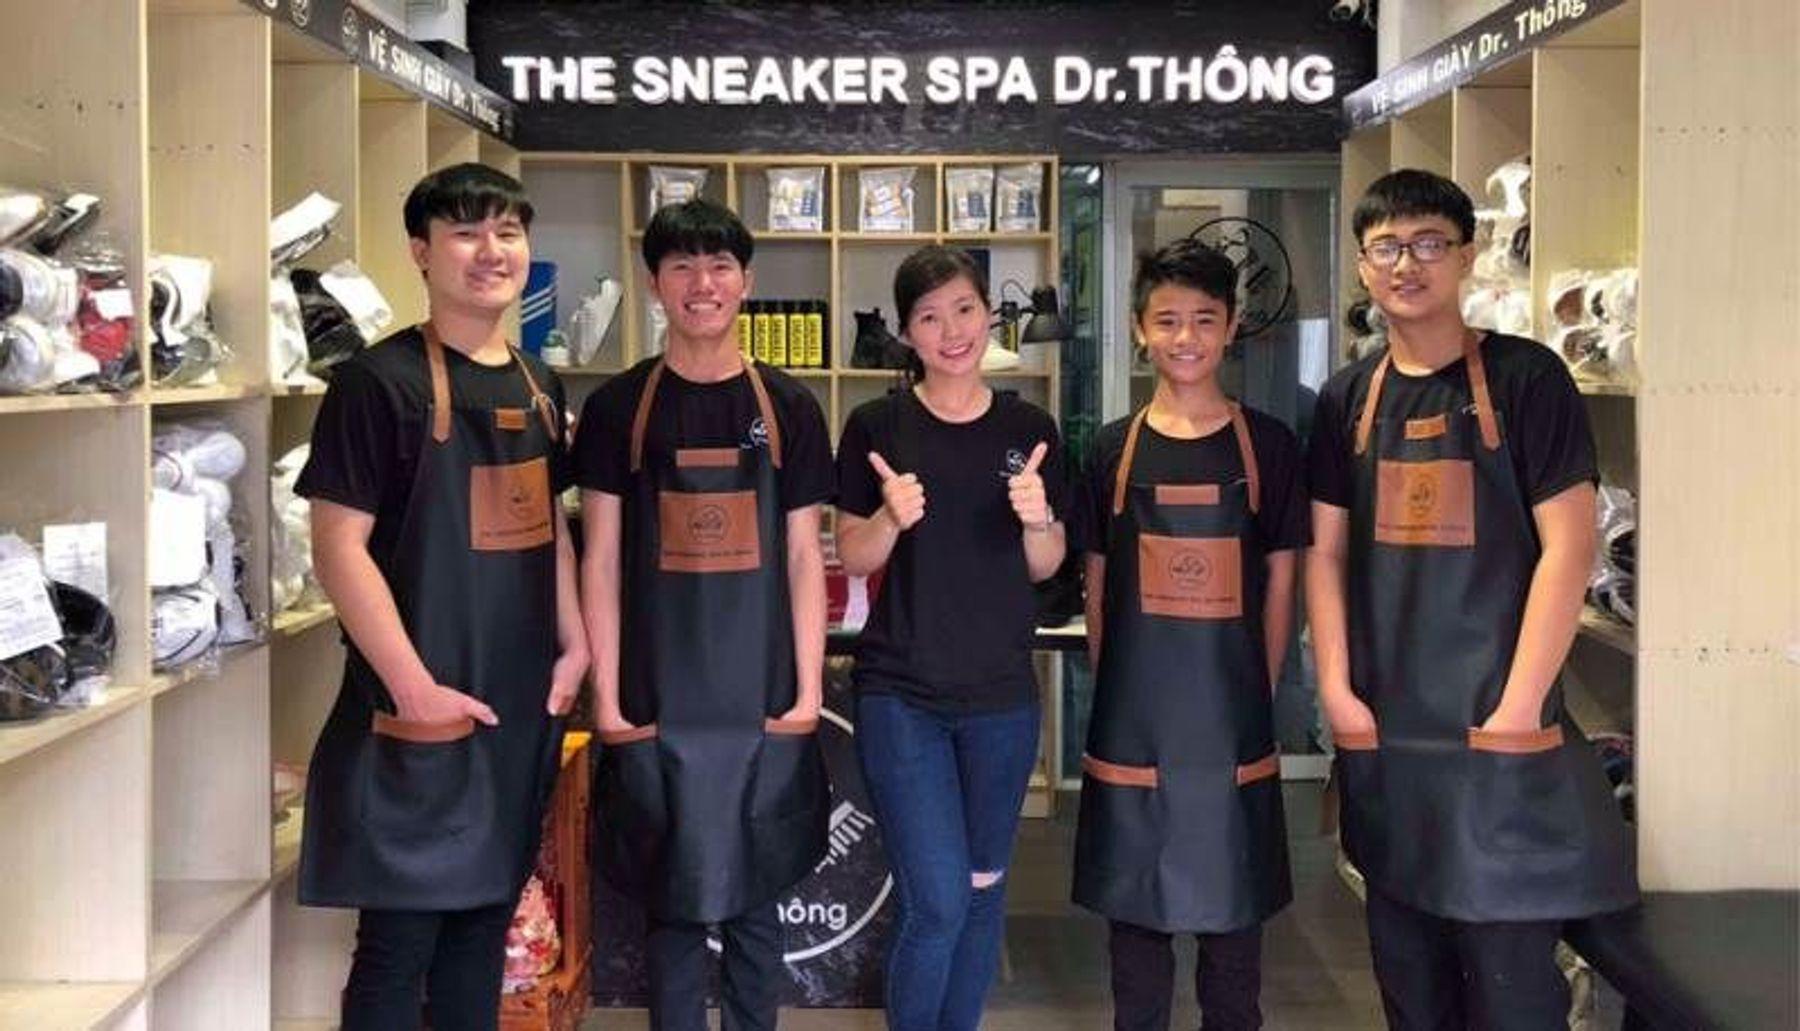 Dịch vụ giặt giày thể thao với The Sneaker Spa Dr. Thông